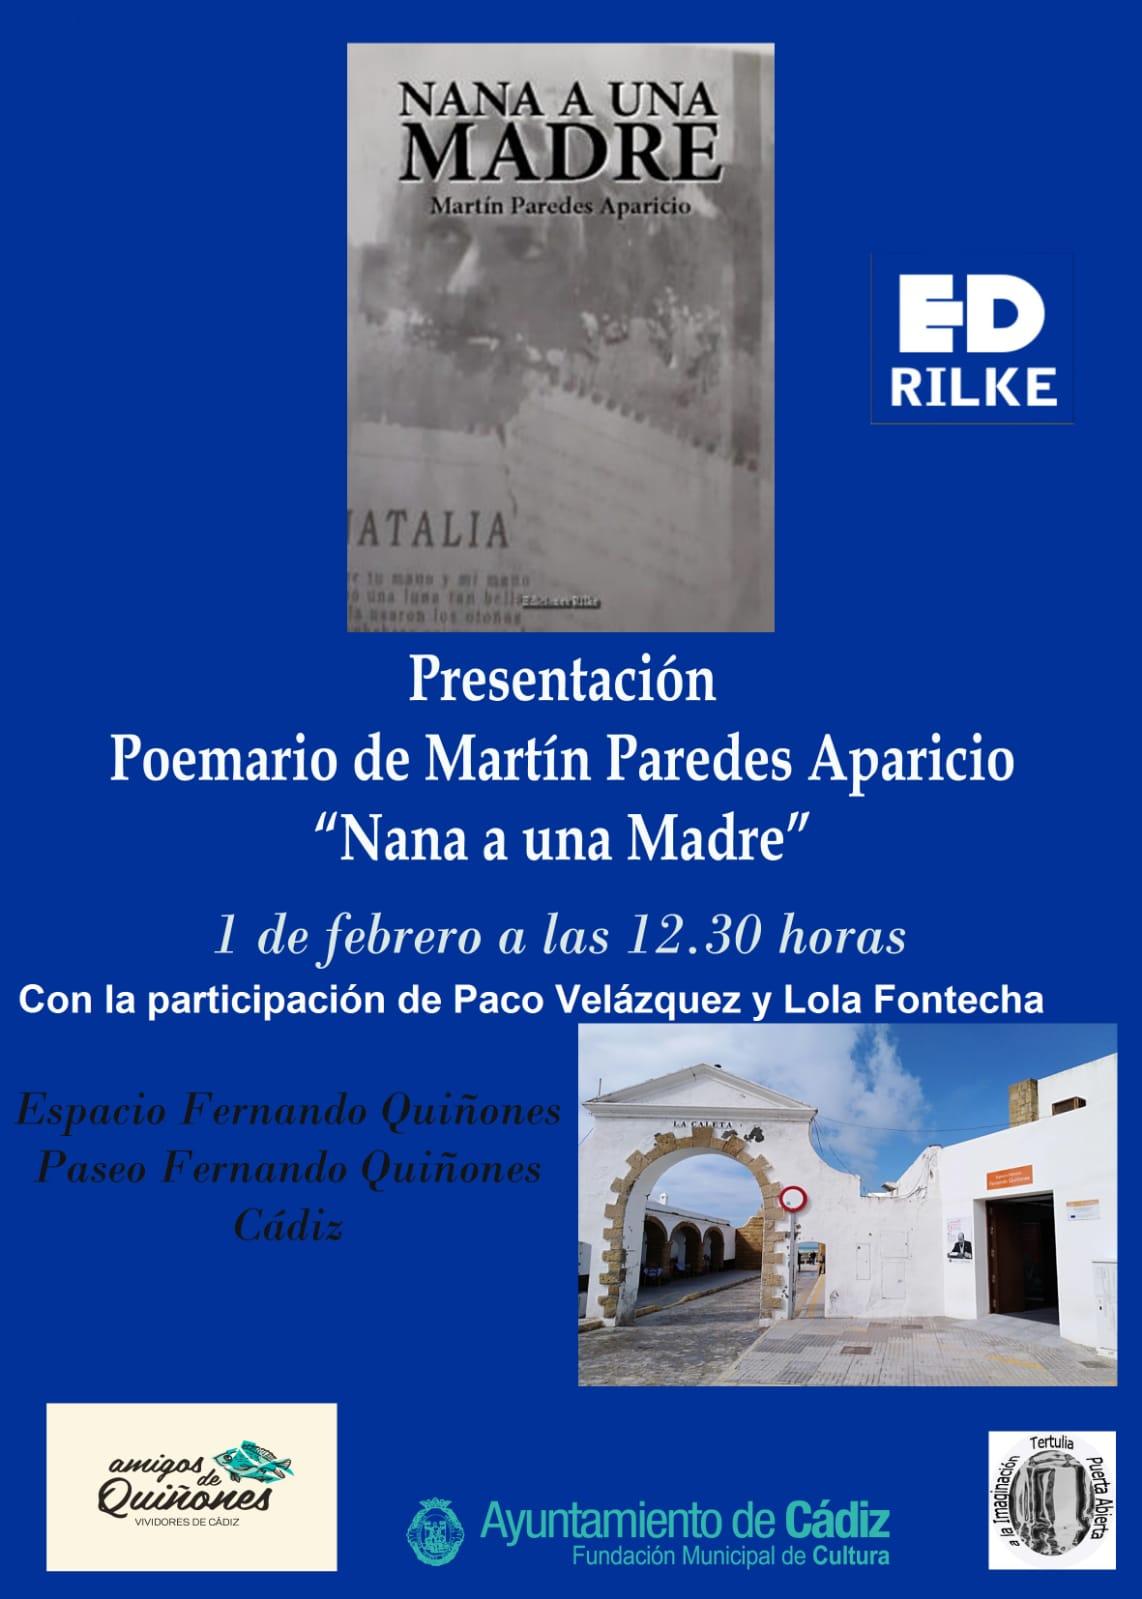 - CartelNANA - Presentación de NANA A UNA MADRE de Martín Paredes Aparicio 1 de Febrero a las 12:30 revista de poesía - CartelNANA - Revista de poesía. Revista Poesía eres tú.